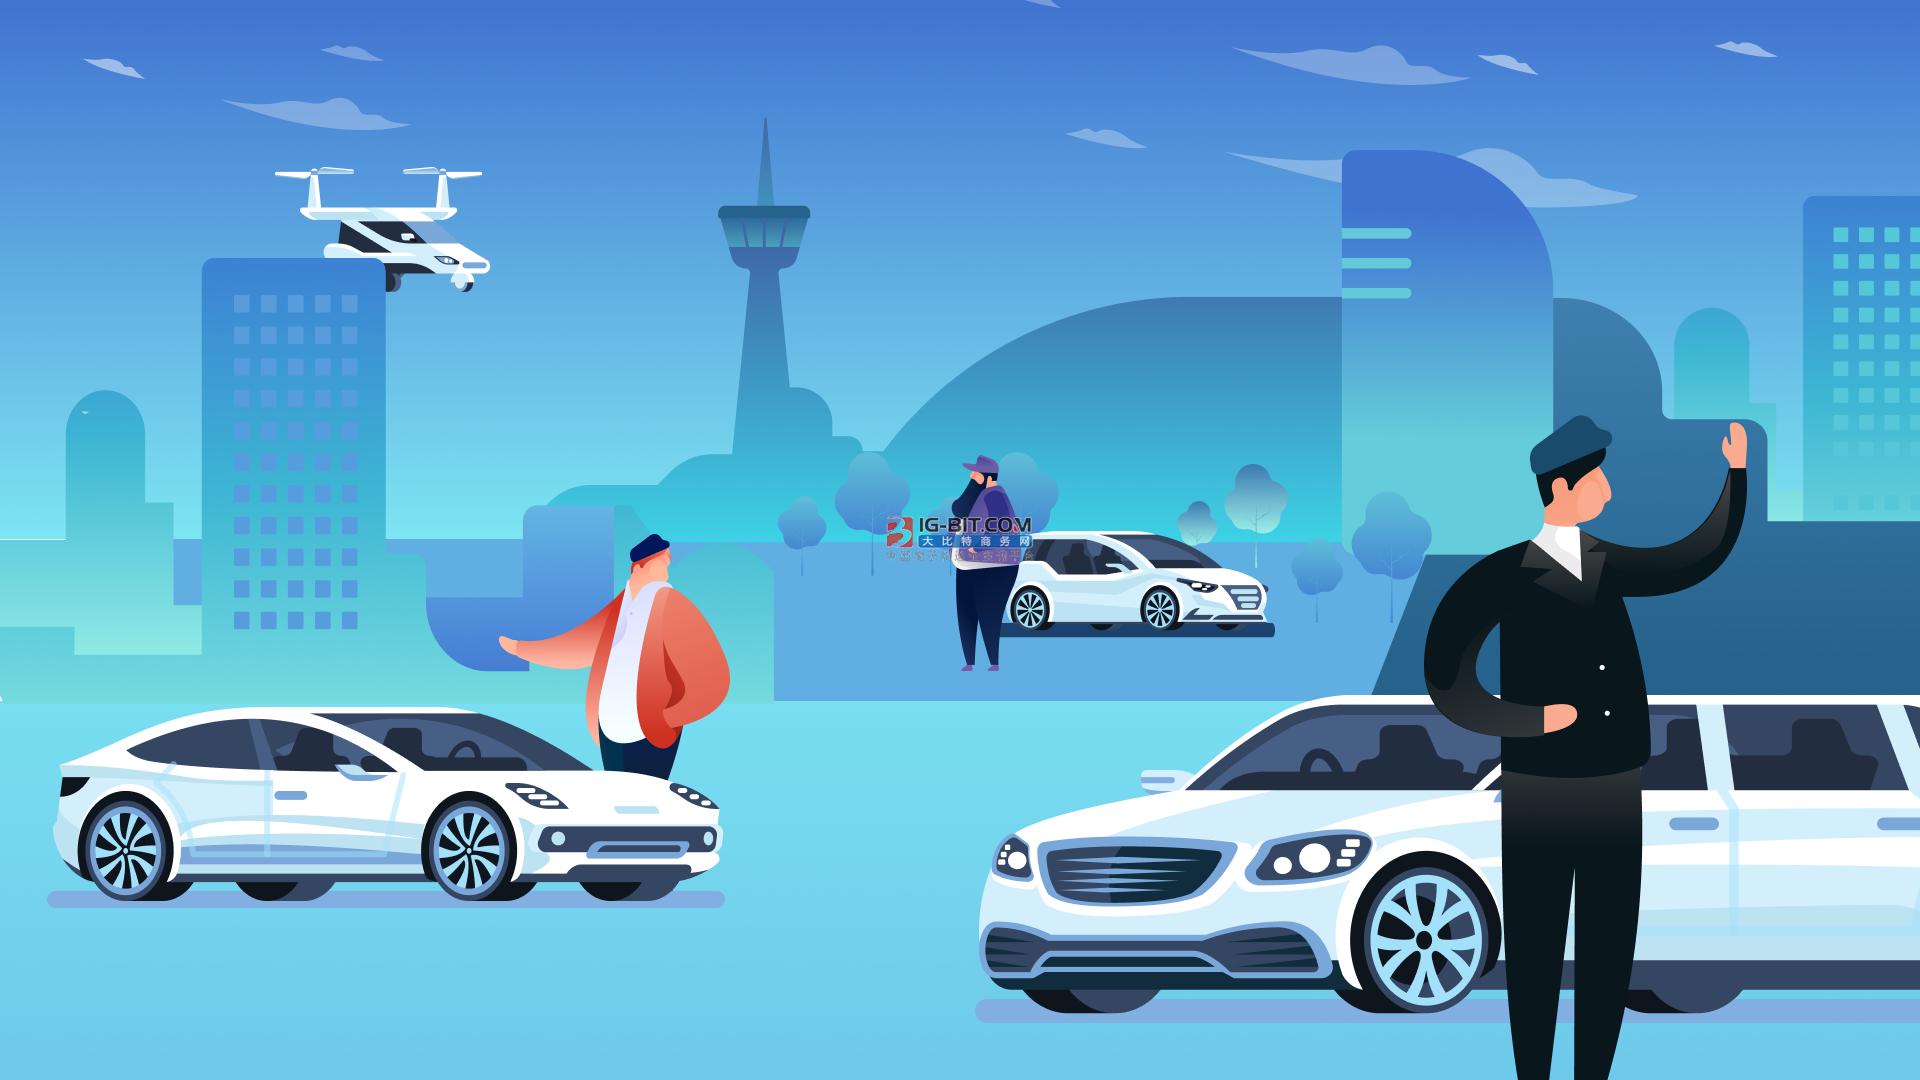 网约车行业寒冬:有司机改行,滴滴收紧新司机注册